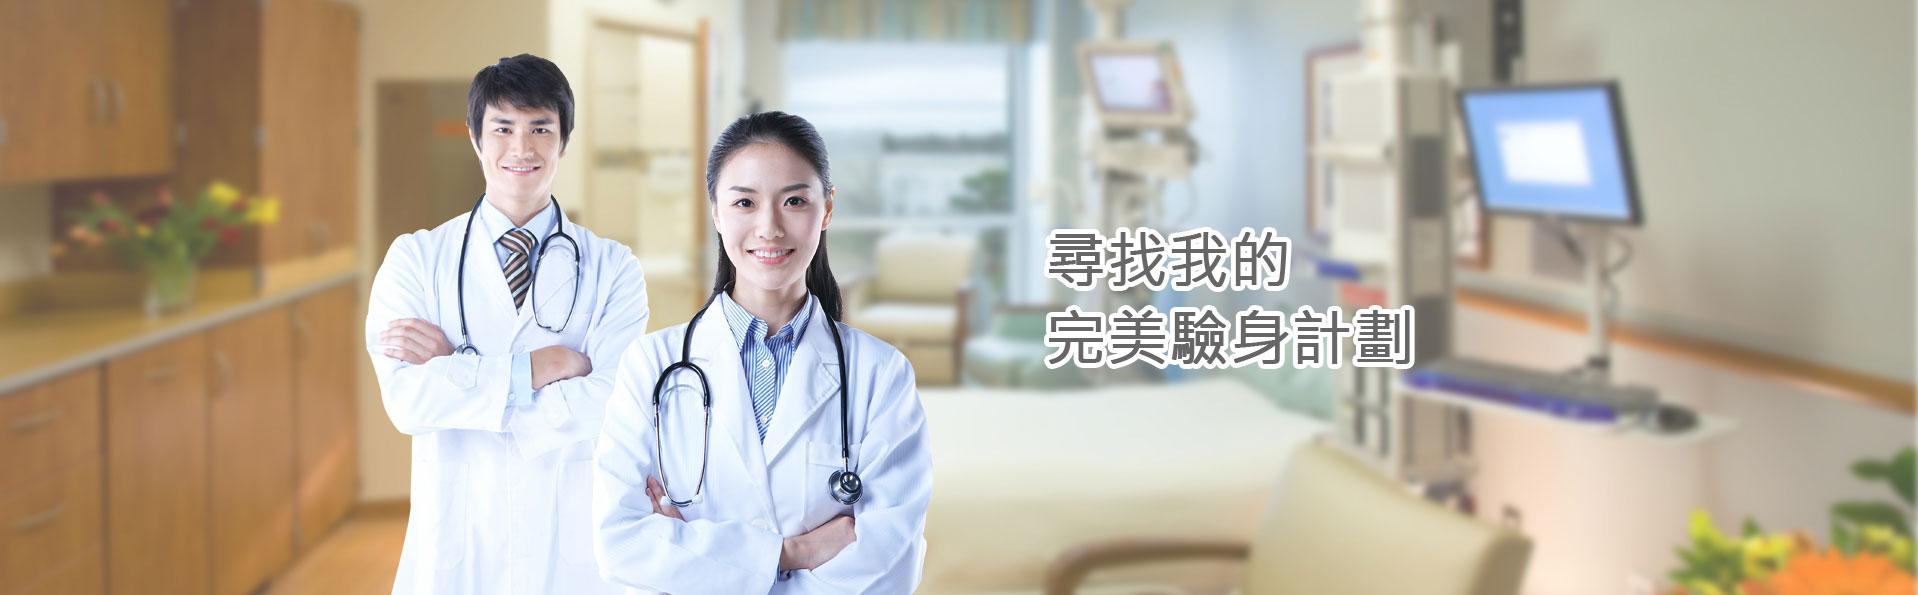 尋找我的驗身計劃-香港一站式醫療服務中心|Medtimes時代醫療